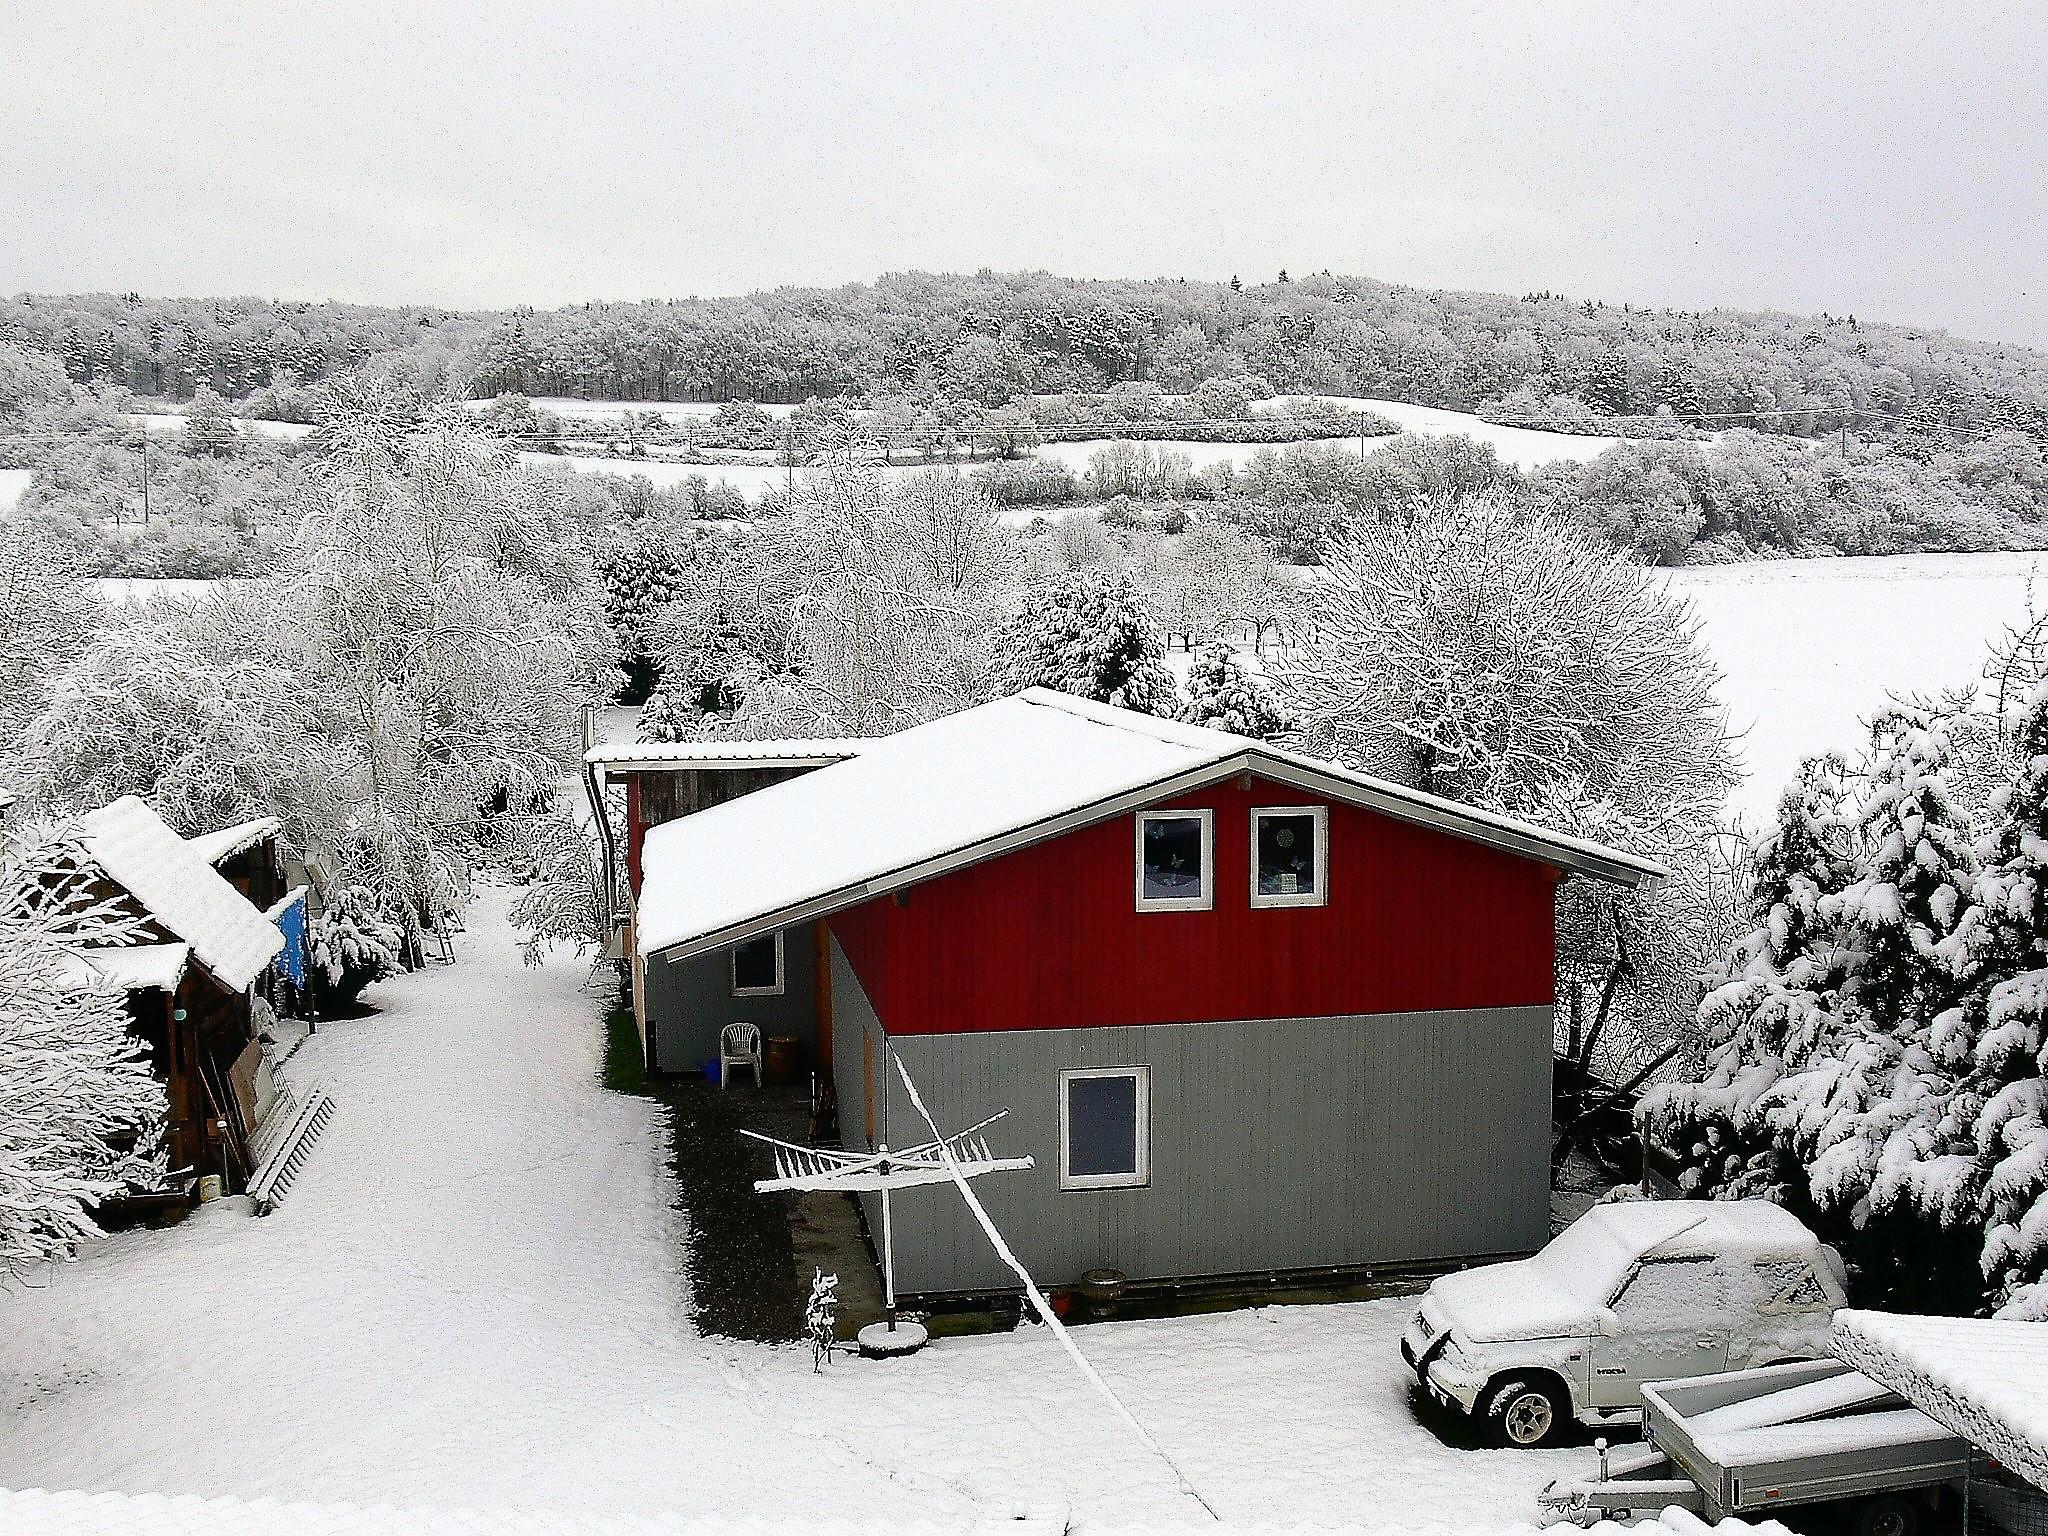 Gesundheitsschuppen im Schnee